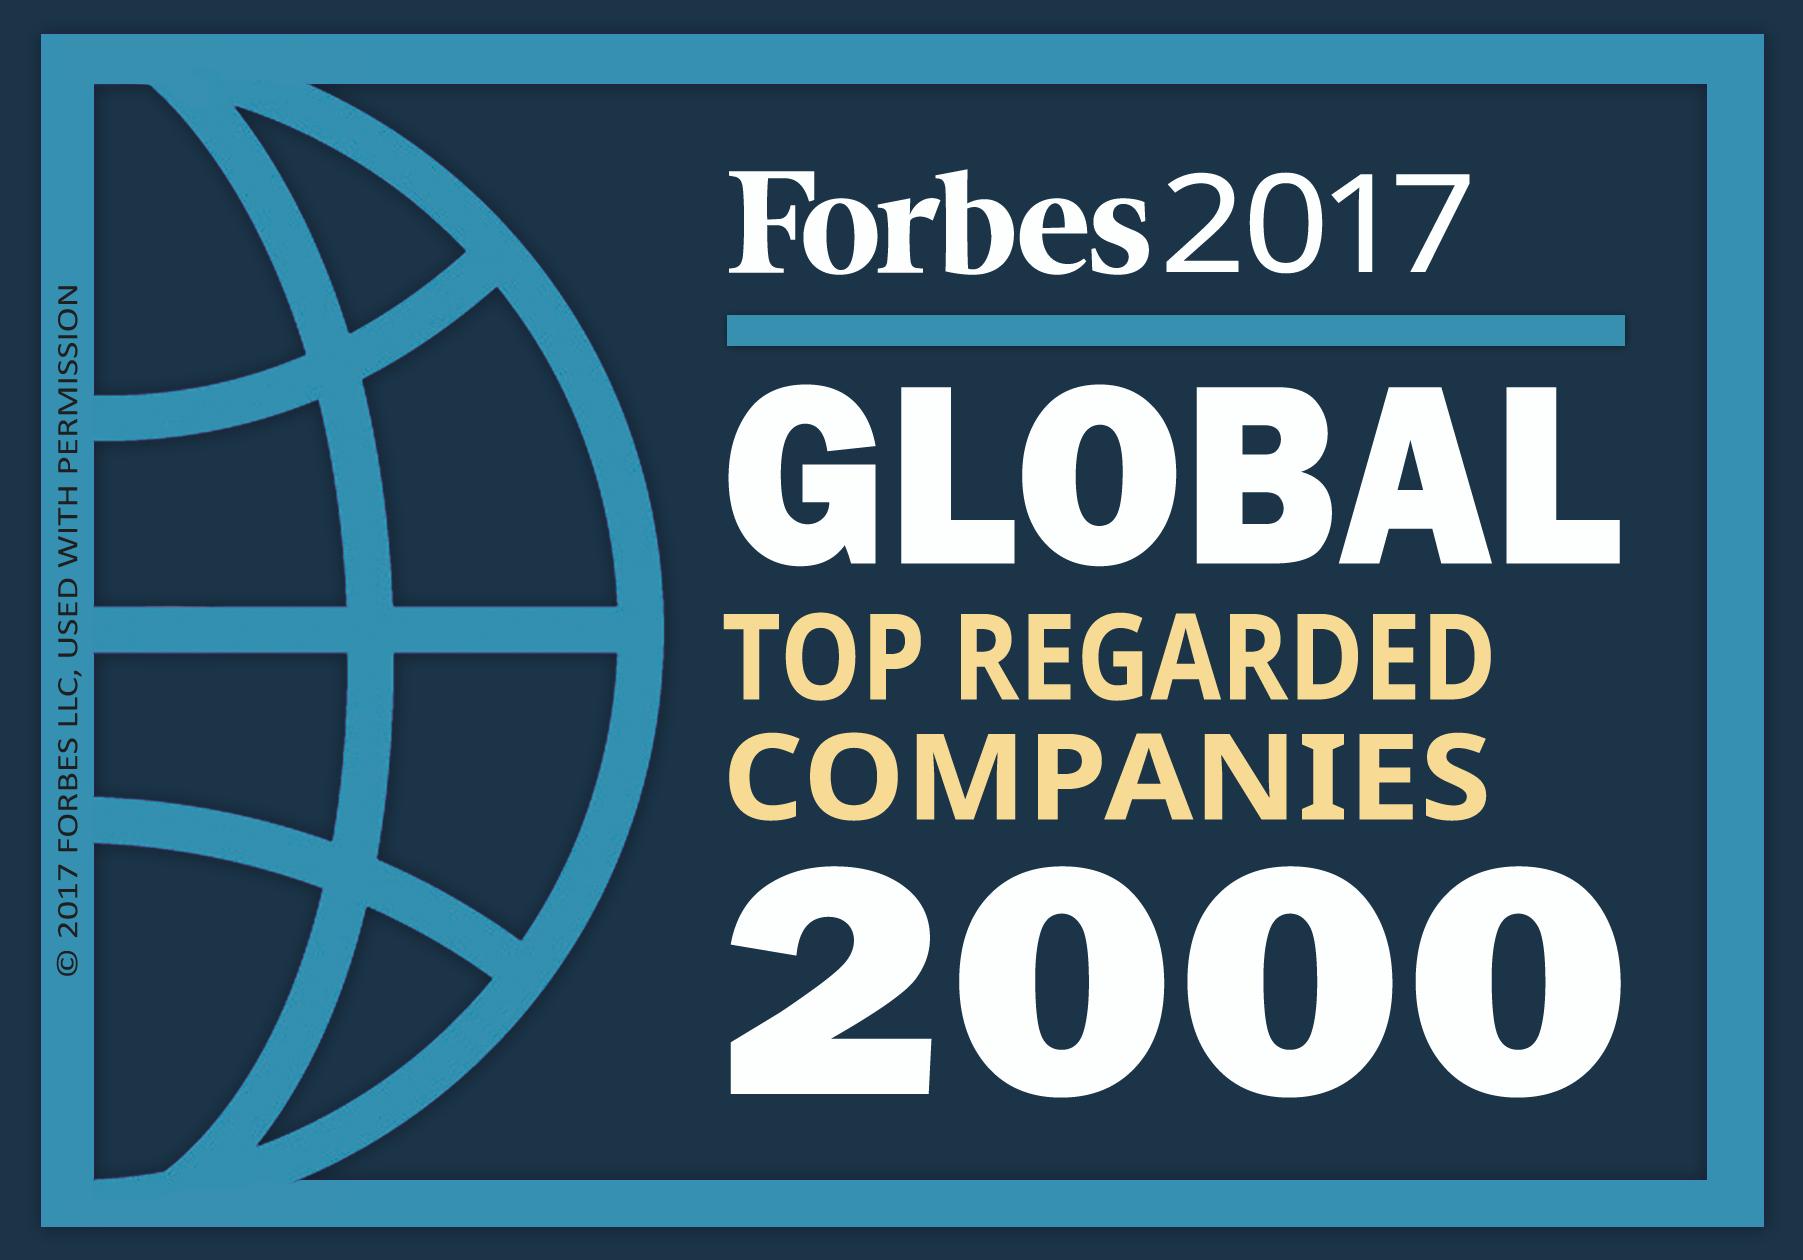 Список Forbes Global 2000 - это хорошо известное ежегодное обязательное чтение в бизнесе